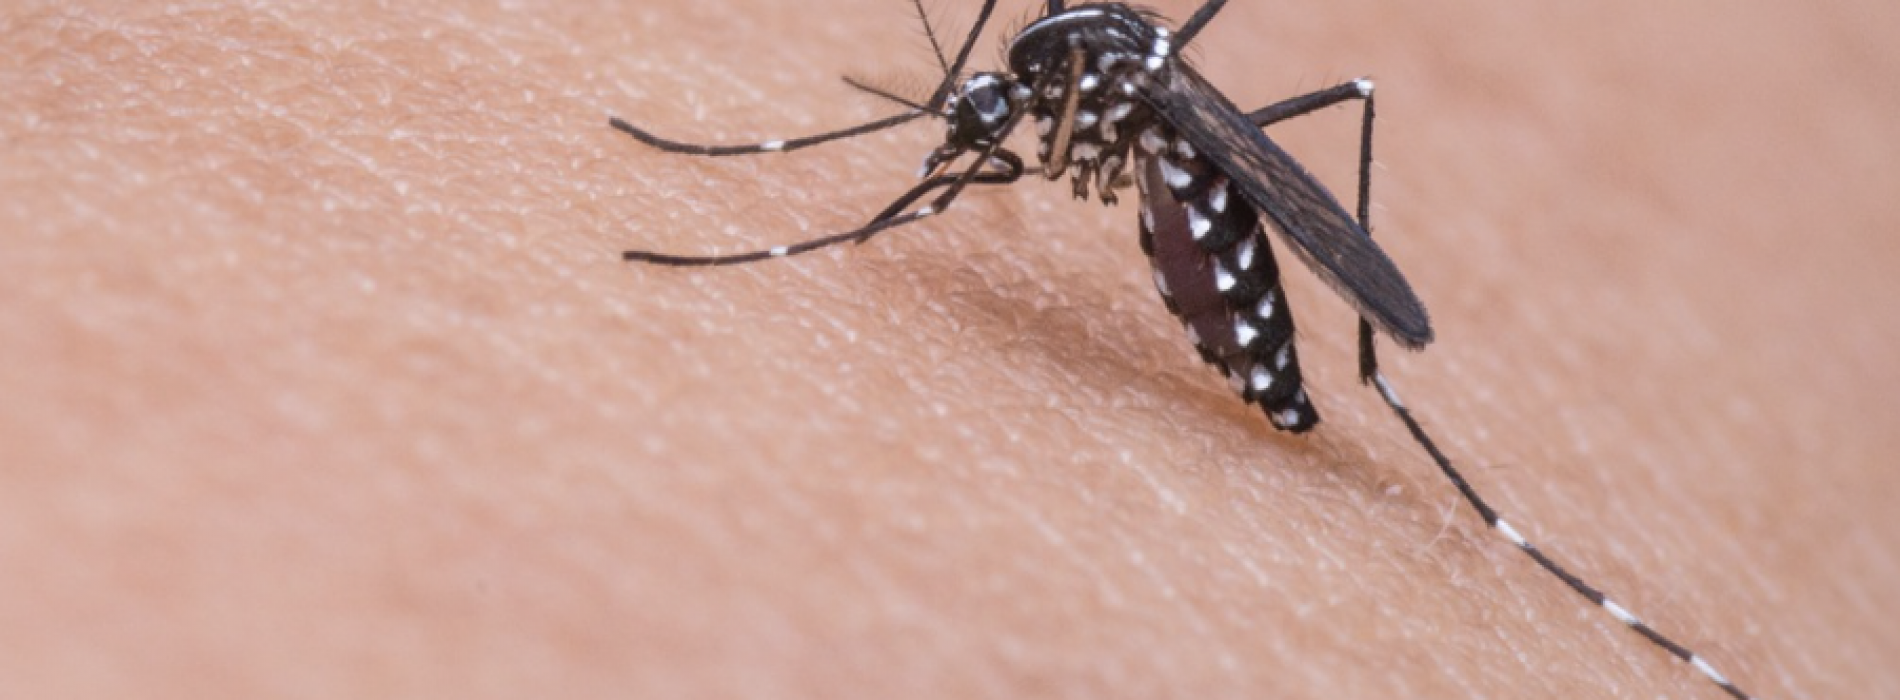 Giornata mondiale della zanzara. I consigli del dermatologo